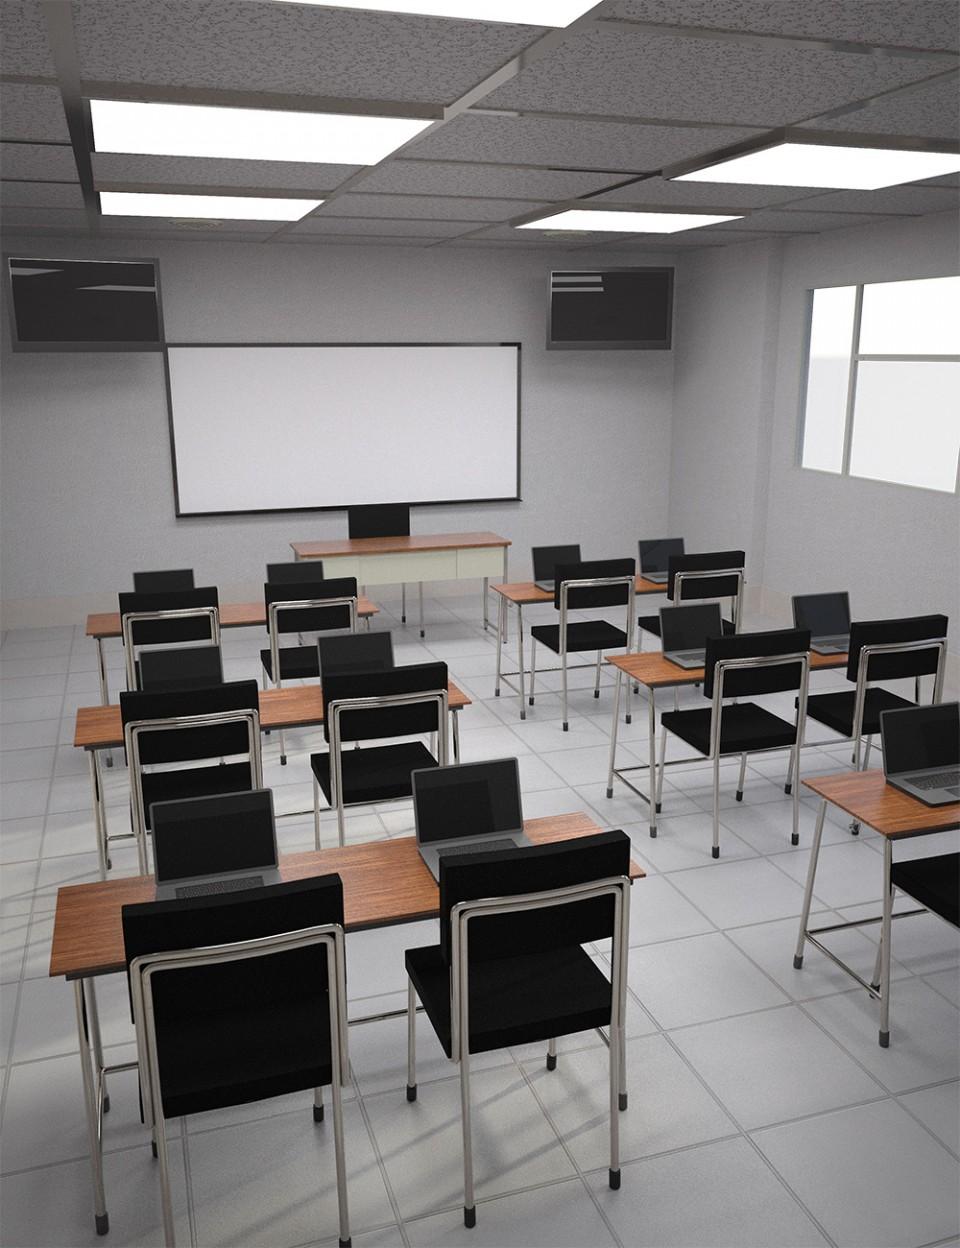 Business Classroom_DAZ3D下载站